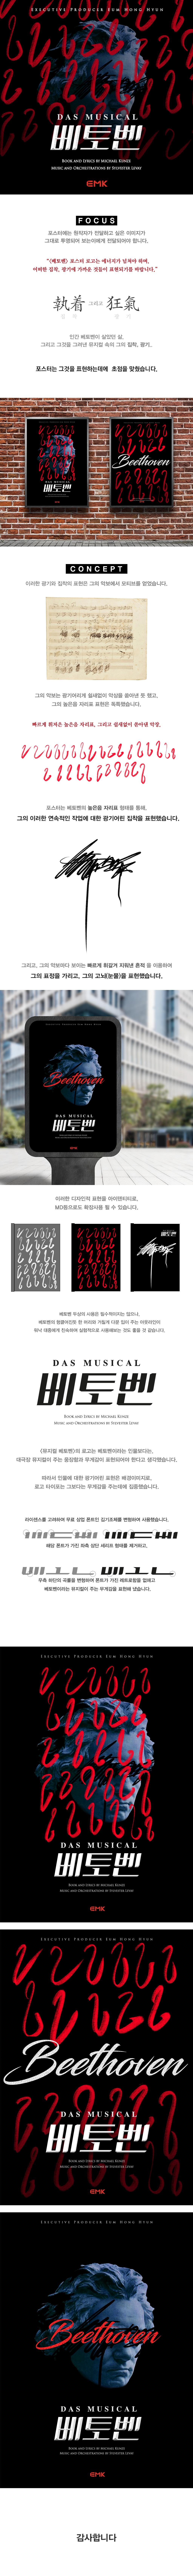 포스터 디자인 | 뮤지컬 <베토벤> 포스터 디자인 공모전 | 라우드소싱 포트폴리오